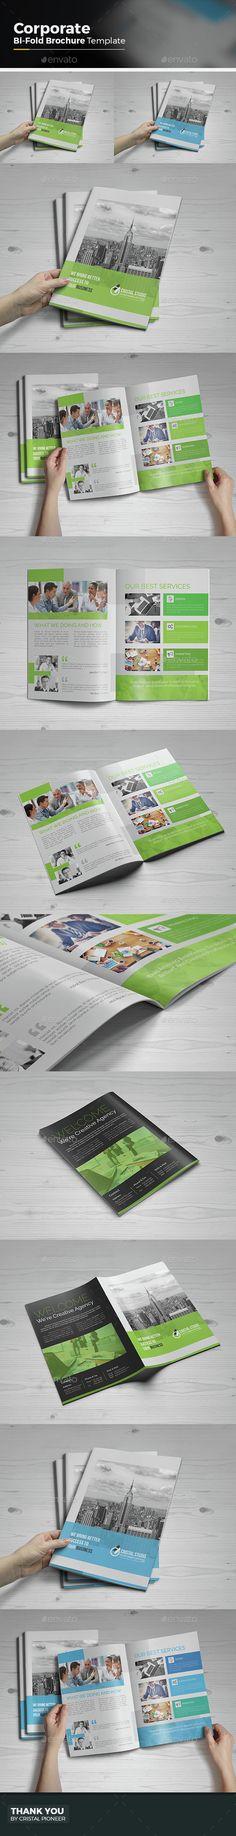 Corporate Bi-fold Brochure Template 01 Brochure template